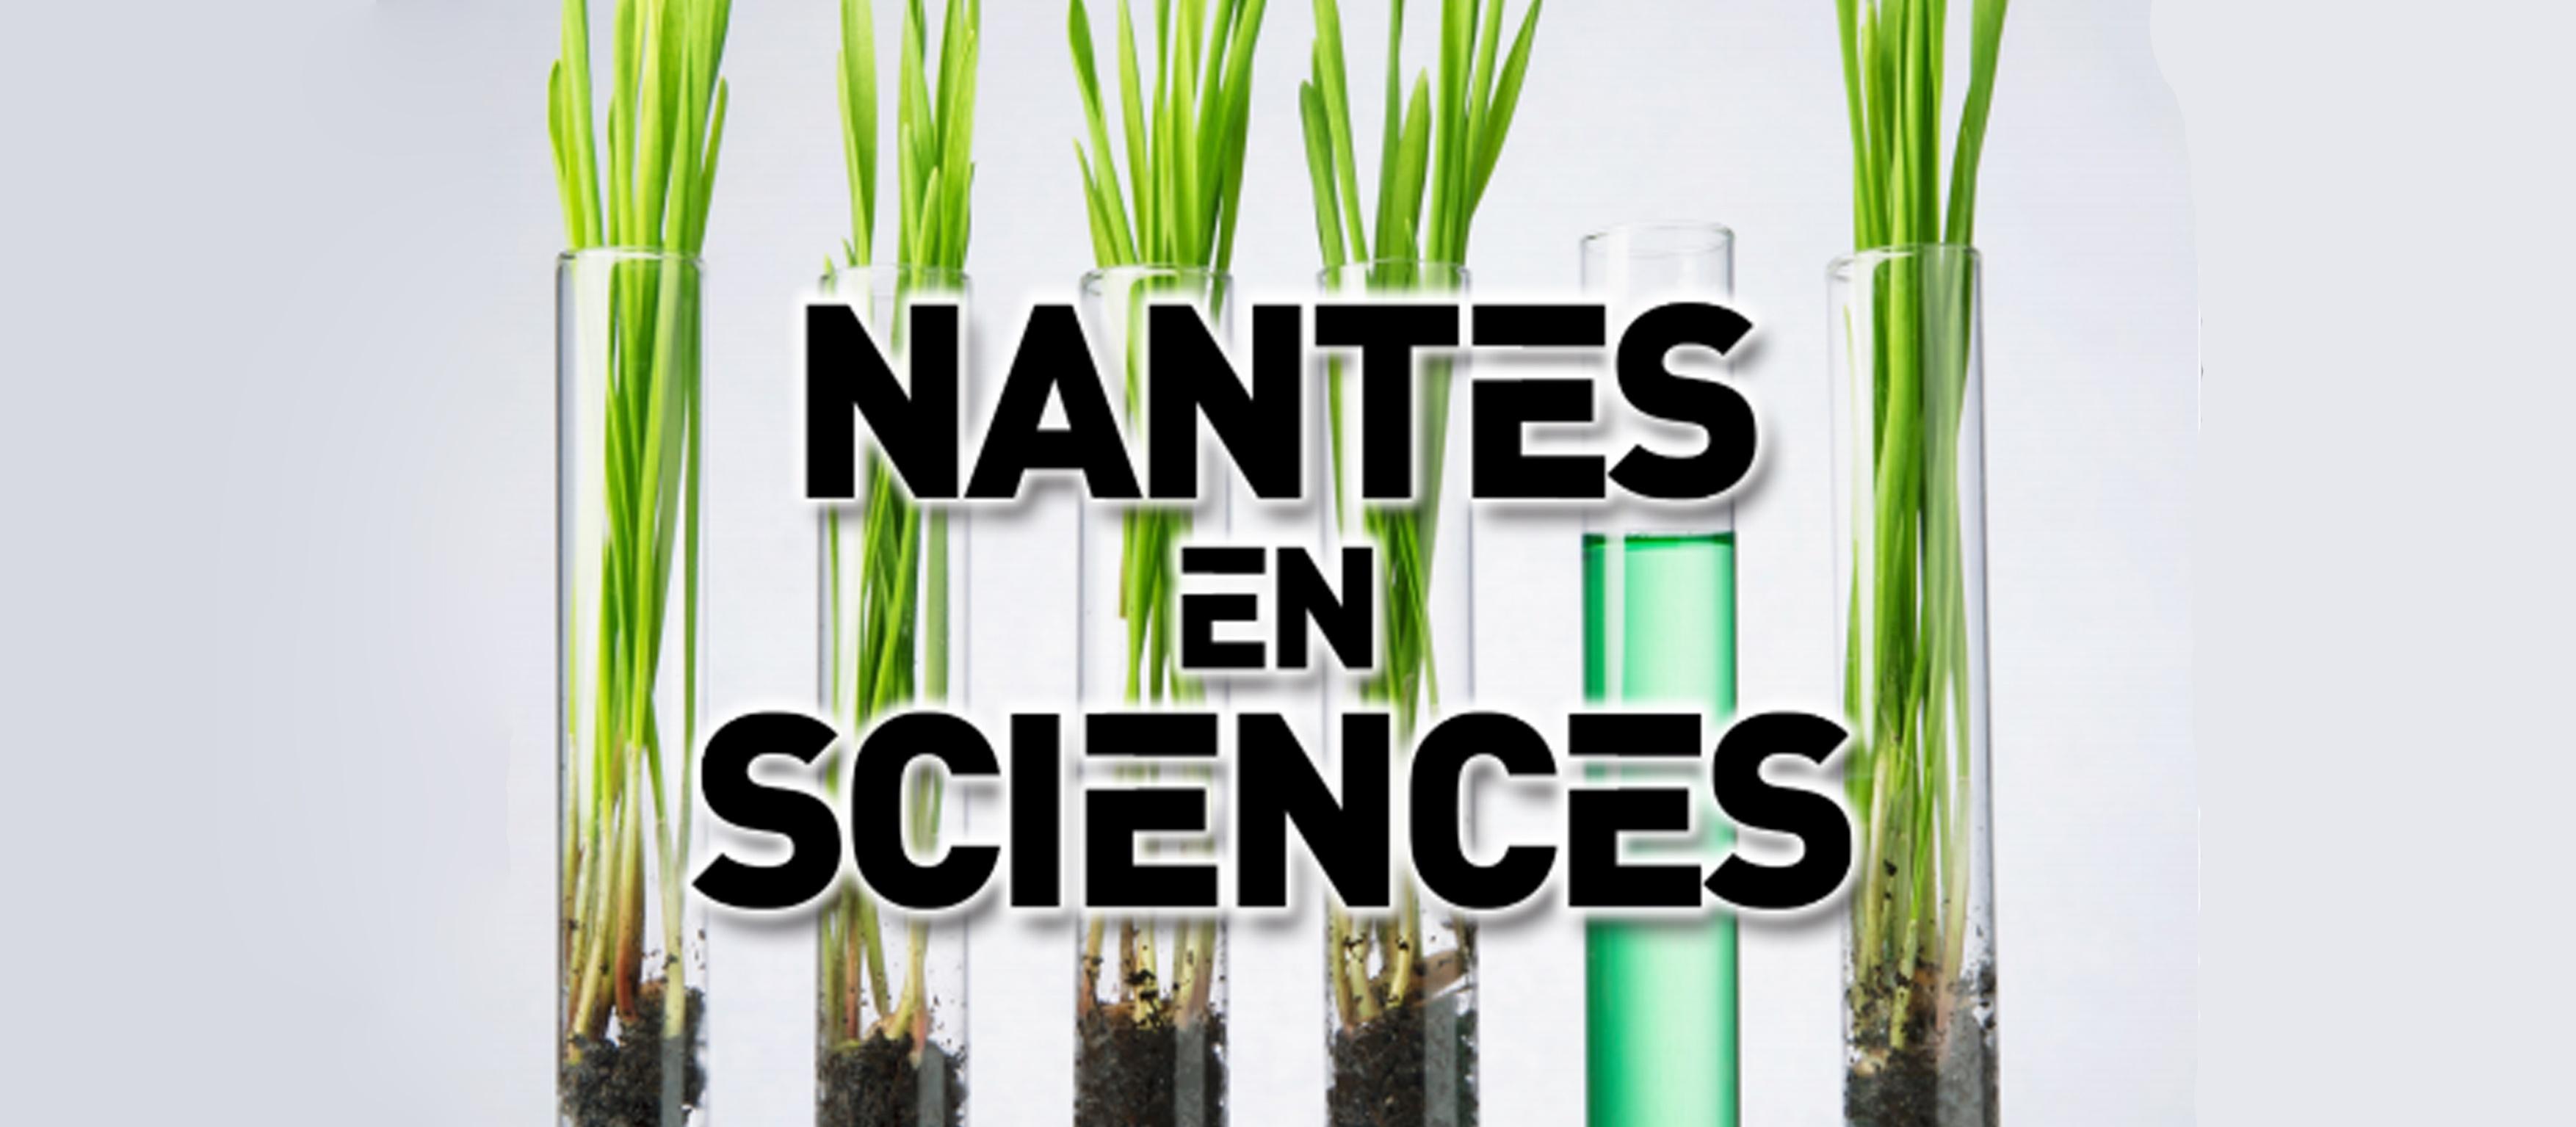 """""""Nantes en sciences"""" pour la conférence nantaise de CSTI"""